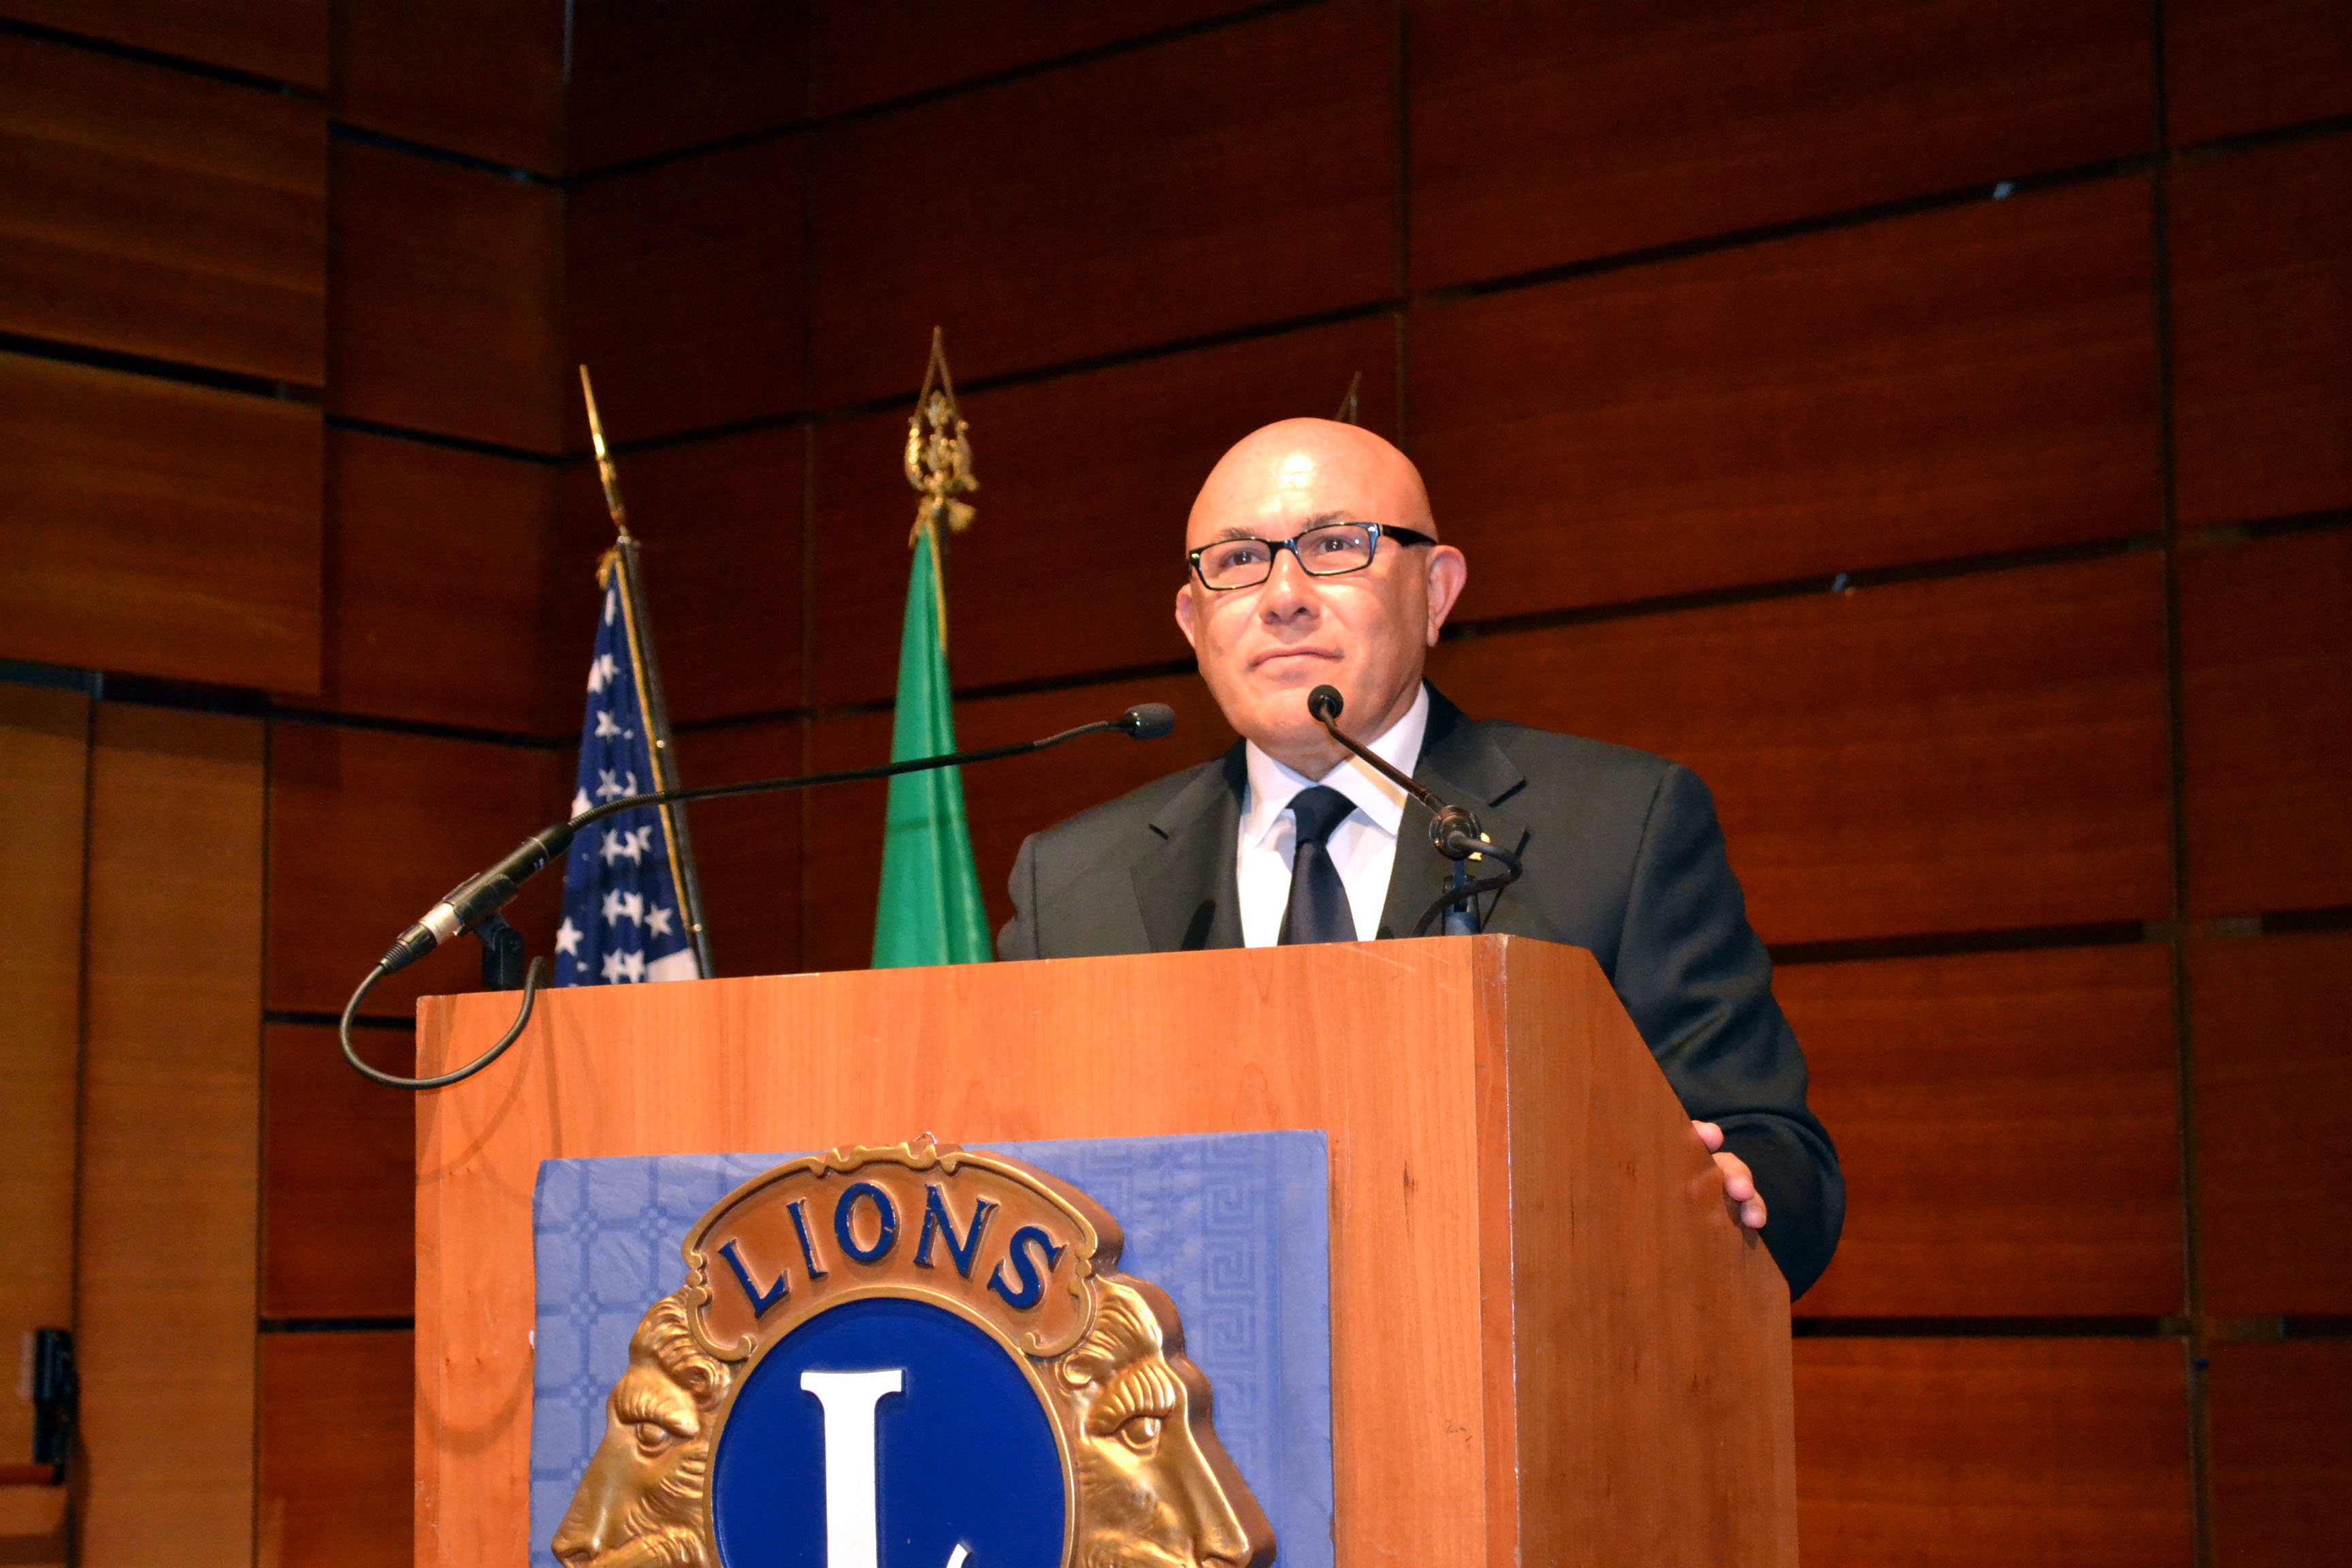 Il discorso del nostro Gino Tarricone, 1° vice governatore, al congresso di chiusura del distretto 108Ia1